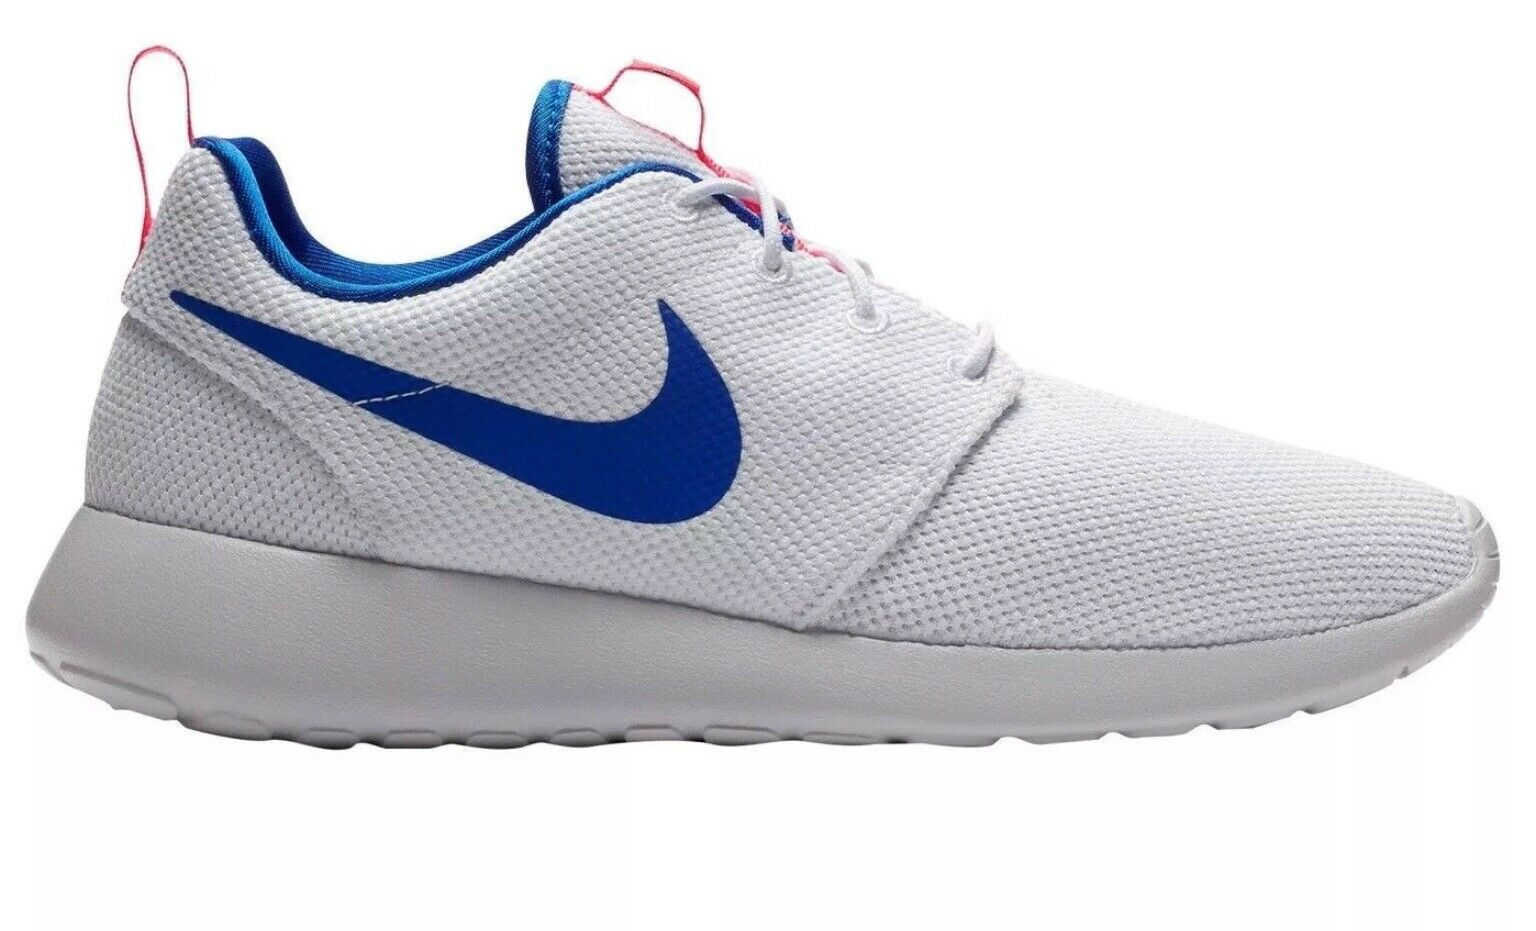 Nike Roshe Run One 511881 100 White   bluee   Ultramarine Red Size 8.5  NIB